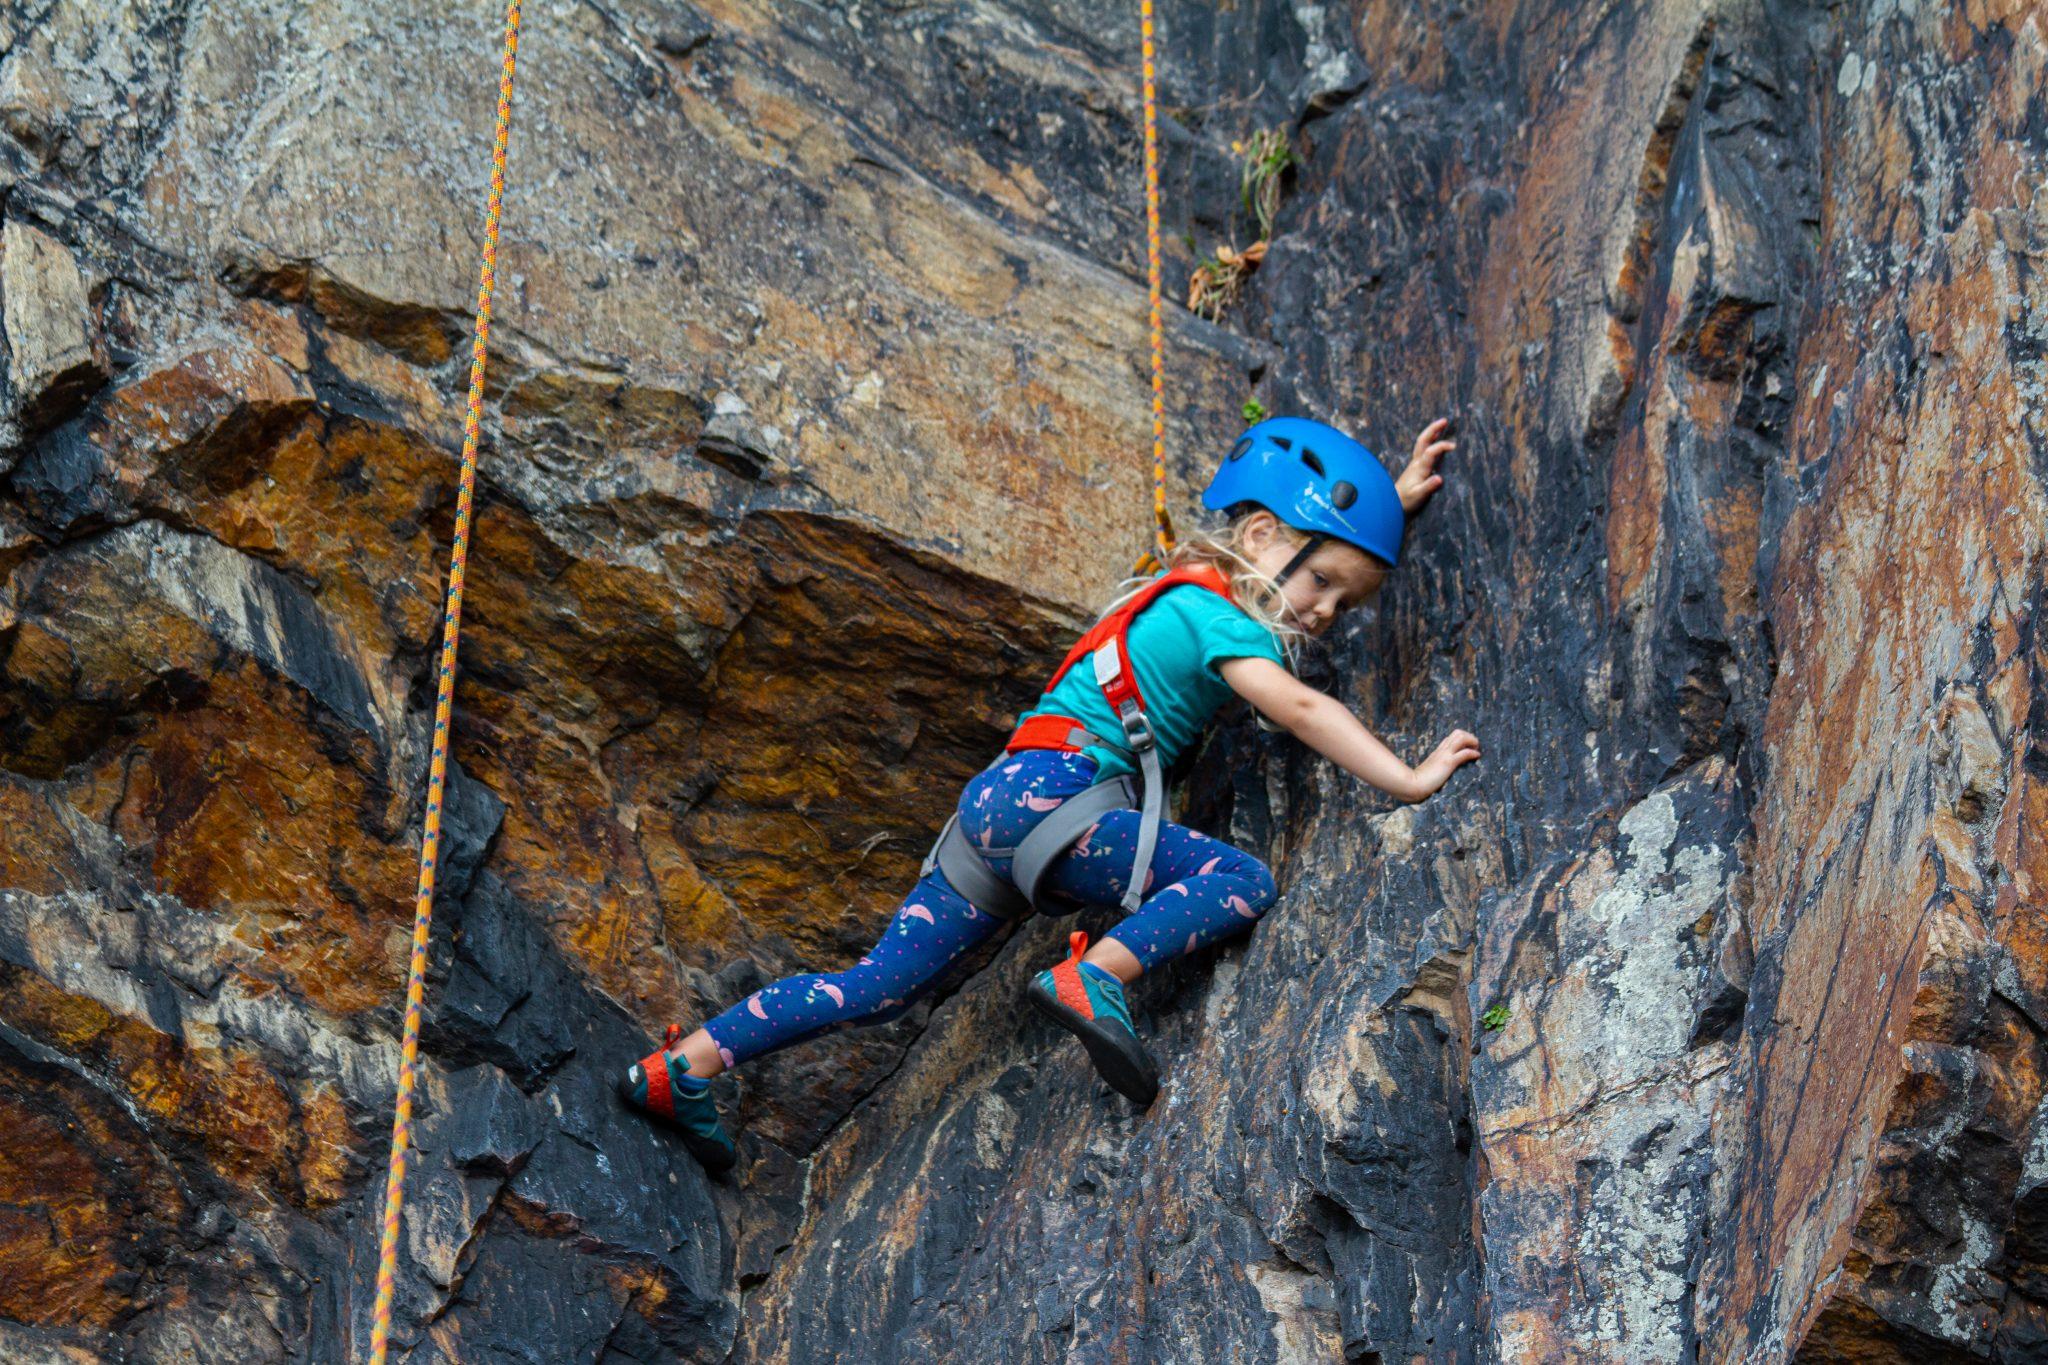 rock climbing preschooler